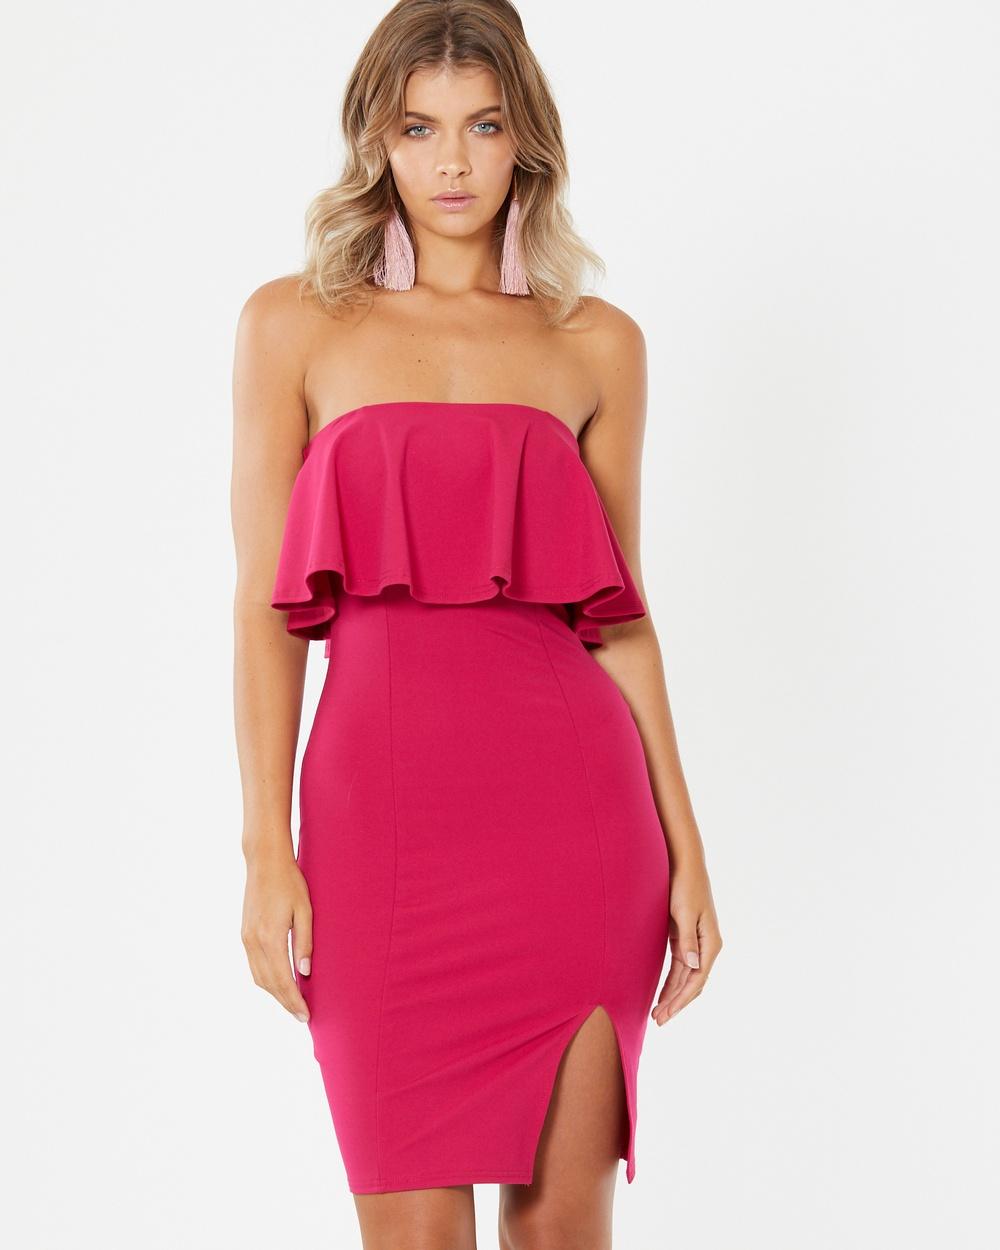 Tussah Zarah Ruffle Dress Bodycon Dresses Fuschia Zarah Ruffle Dress